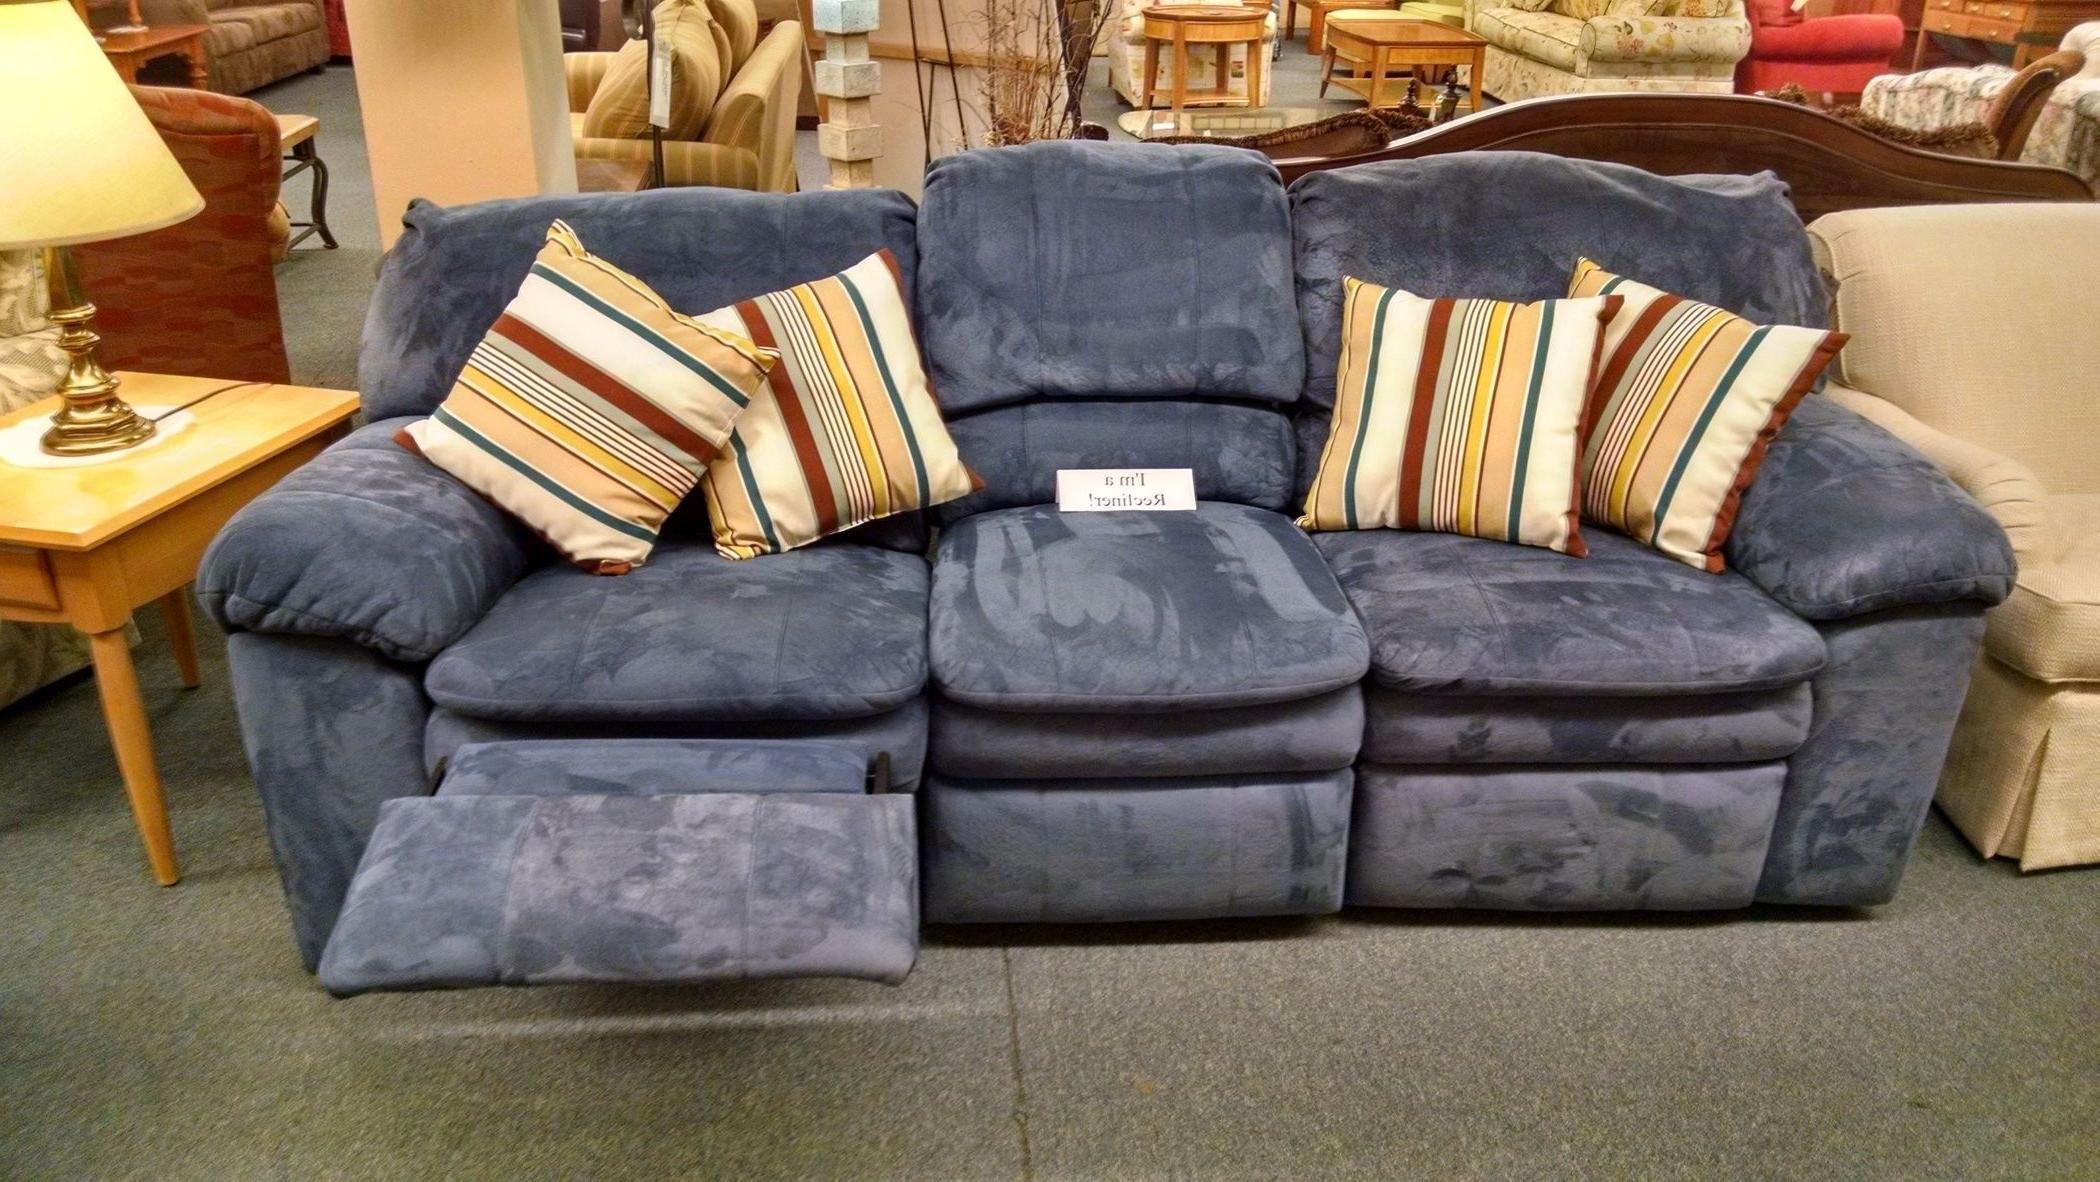 Delmarva Furniture Consignment (View 6 of 20)